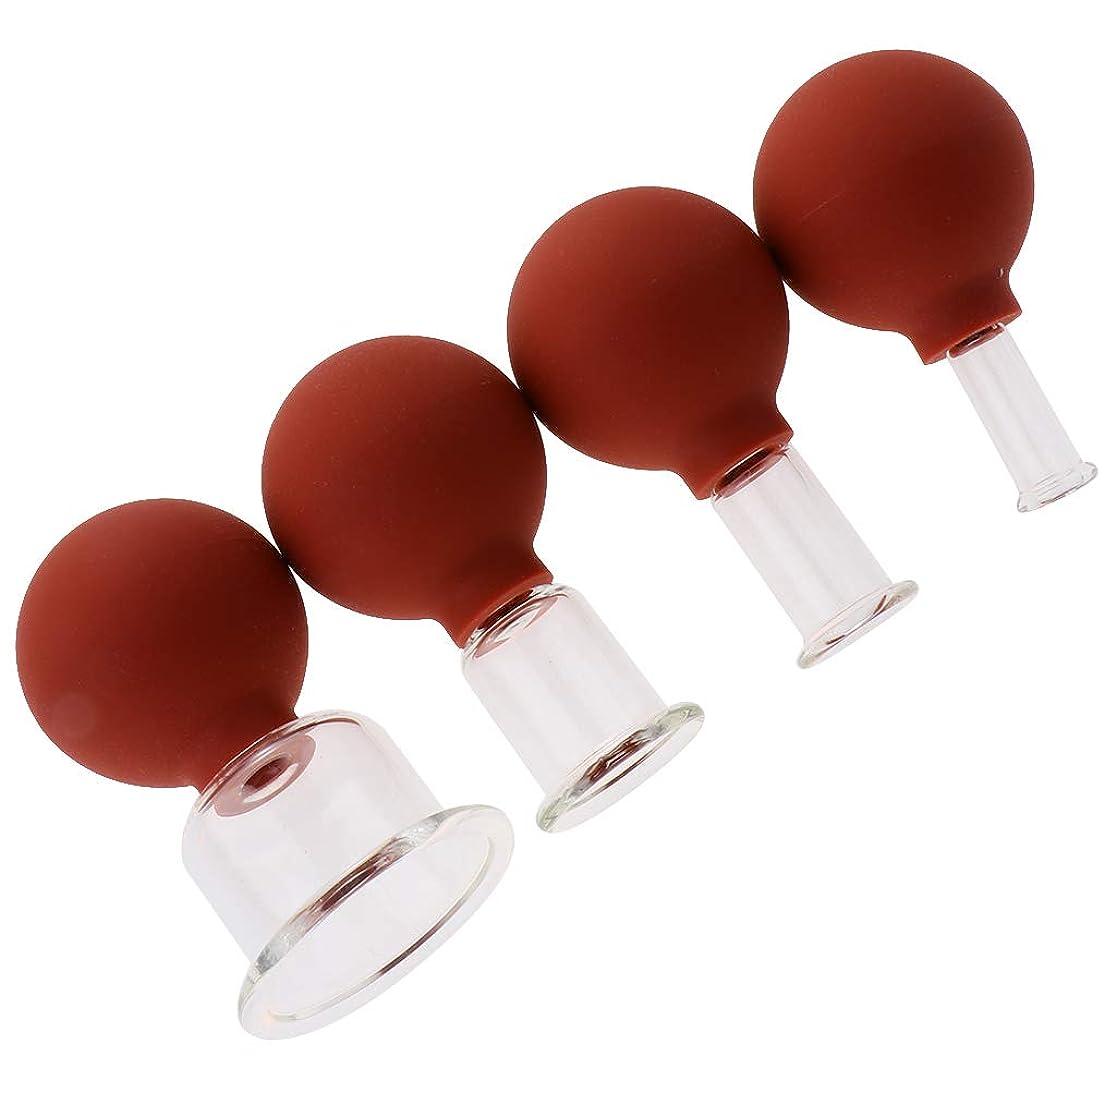 海洋の肘スイングボディヘッドネック用4バキュームマッサージカップアンチセルライトガラスカップのセット - 赤茶色